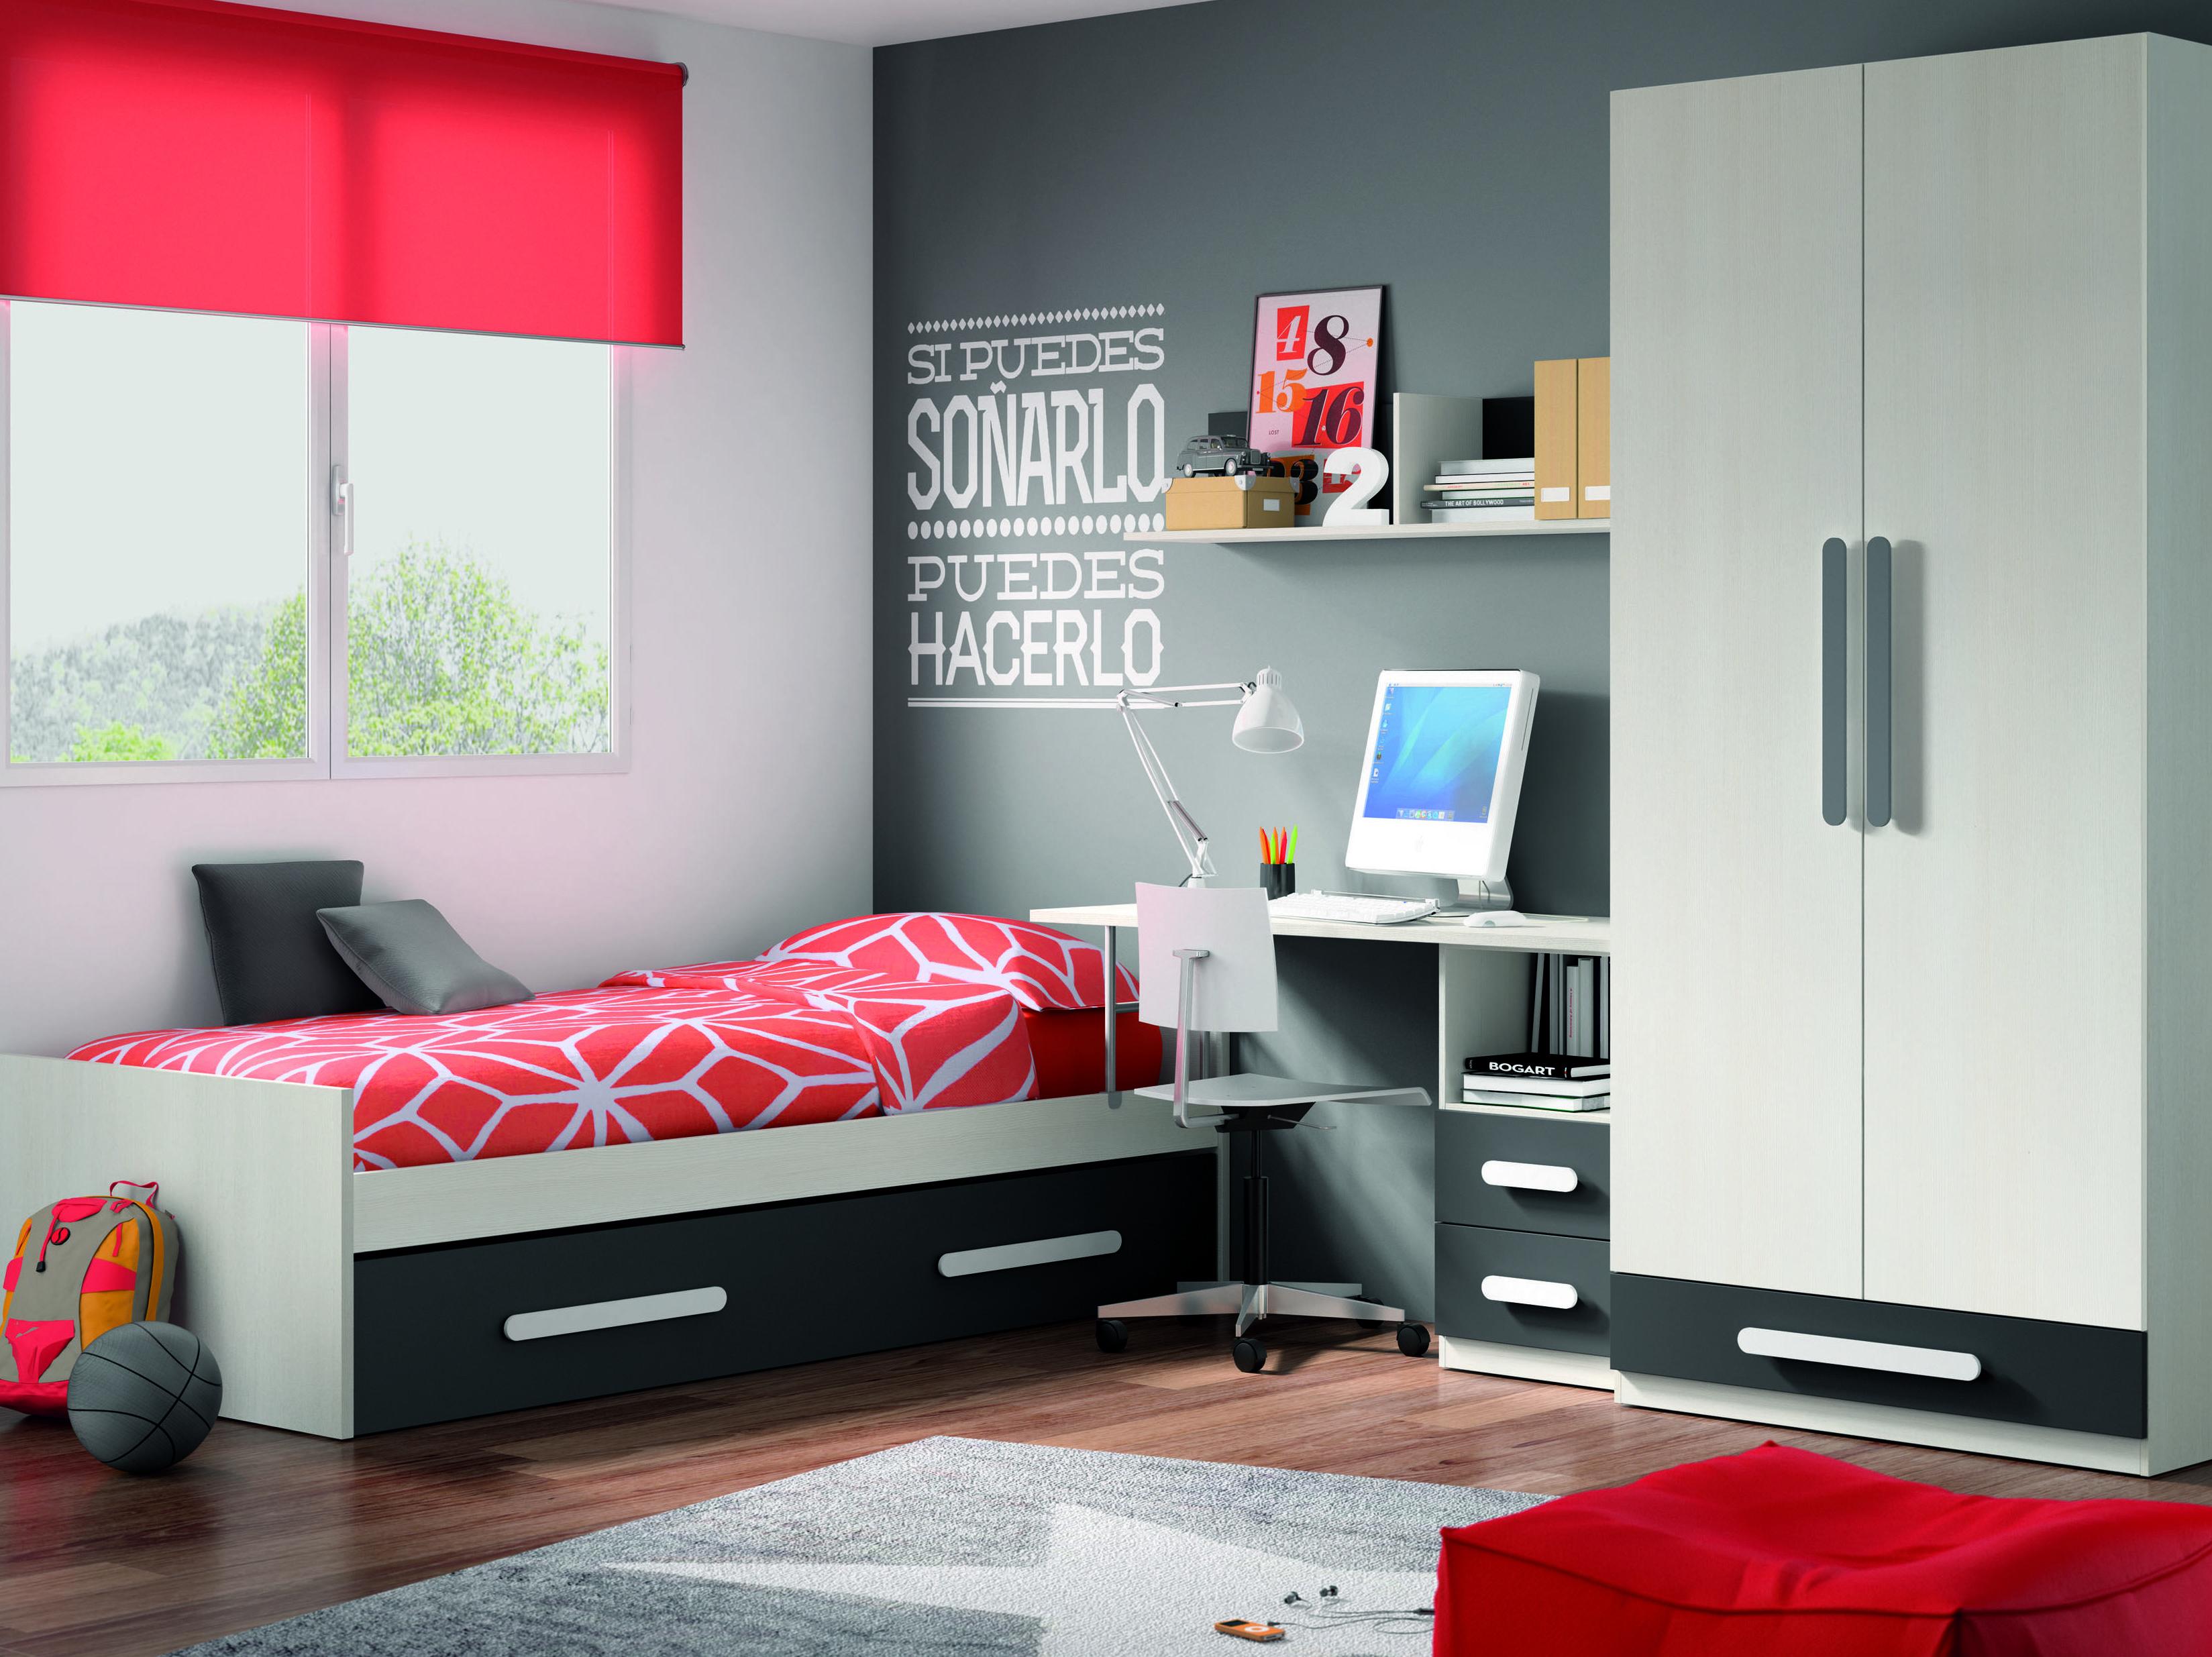 Muebles de habitacion baratos 20170801230944 - Muebles bonitos y baratos ...